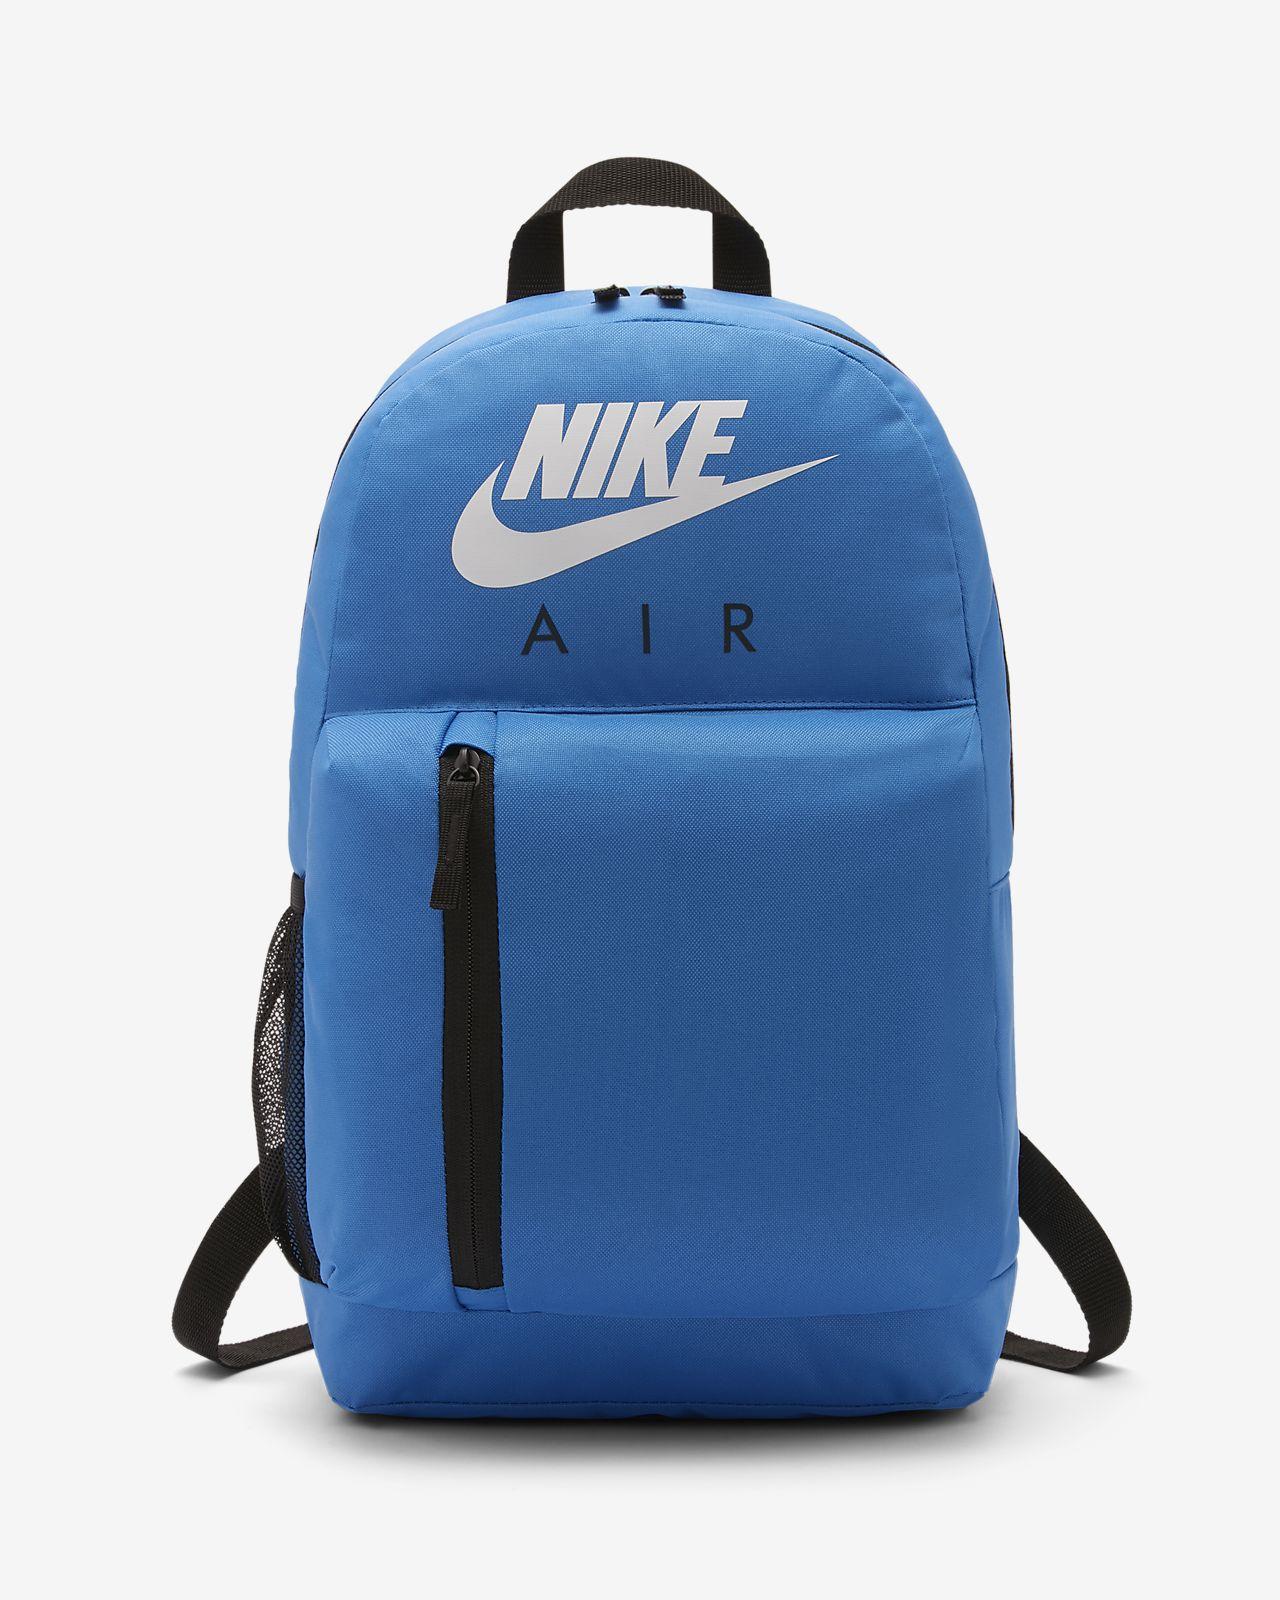 b0305aafa0 Sac Pour Enfant Z7qqygw5 Nike À Dos Ch Elemental Yv6yf7bg